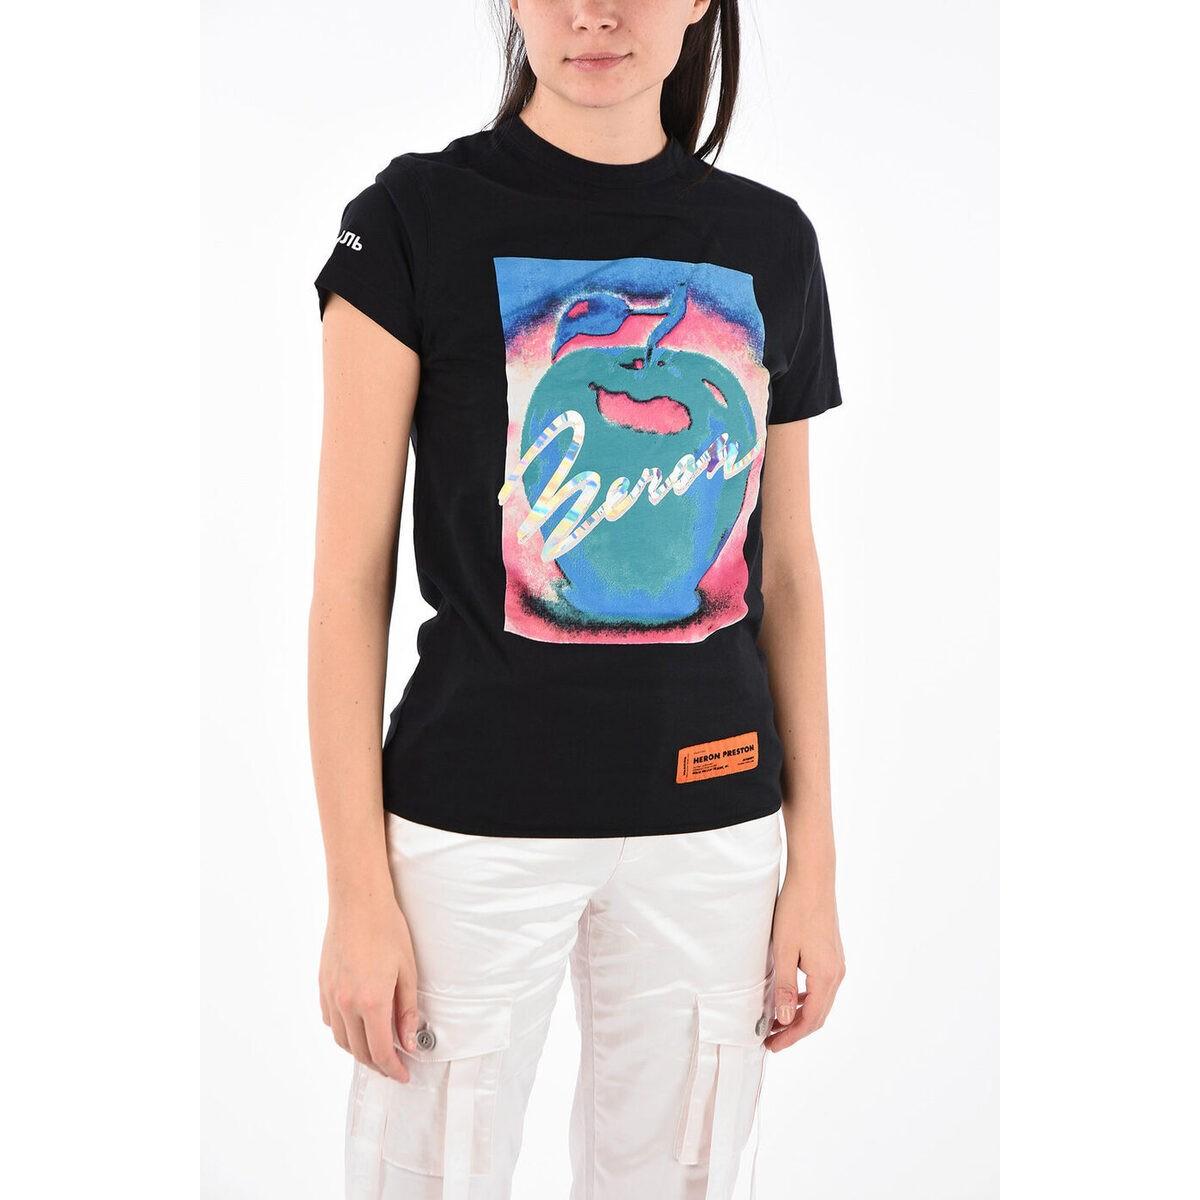 Black レディース HERON PRESTON/ヘロン Jersey dk Apple T-shirt Graphic プレストン